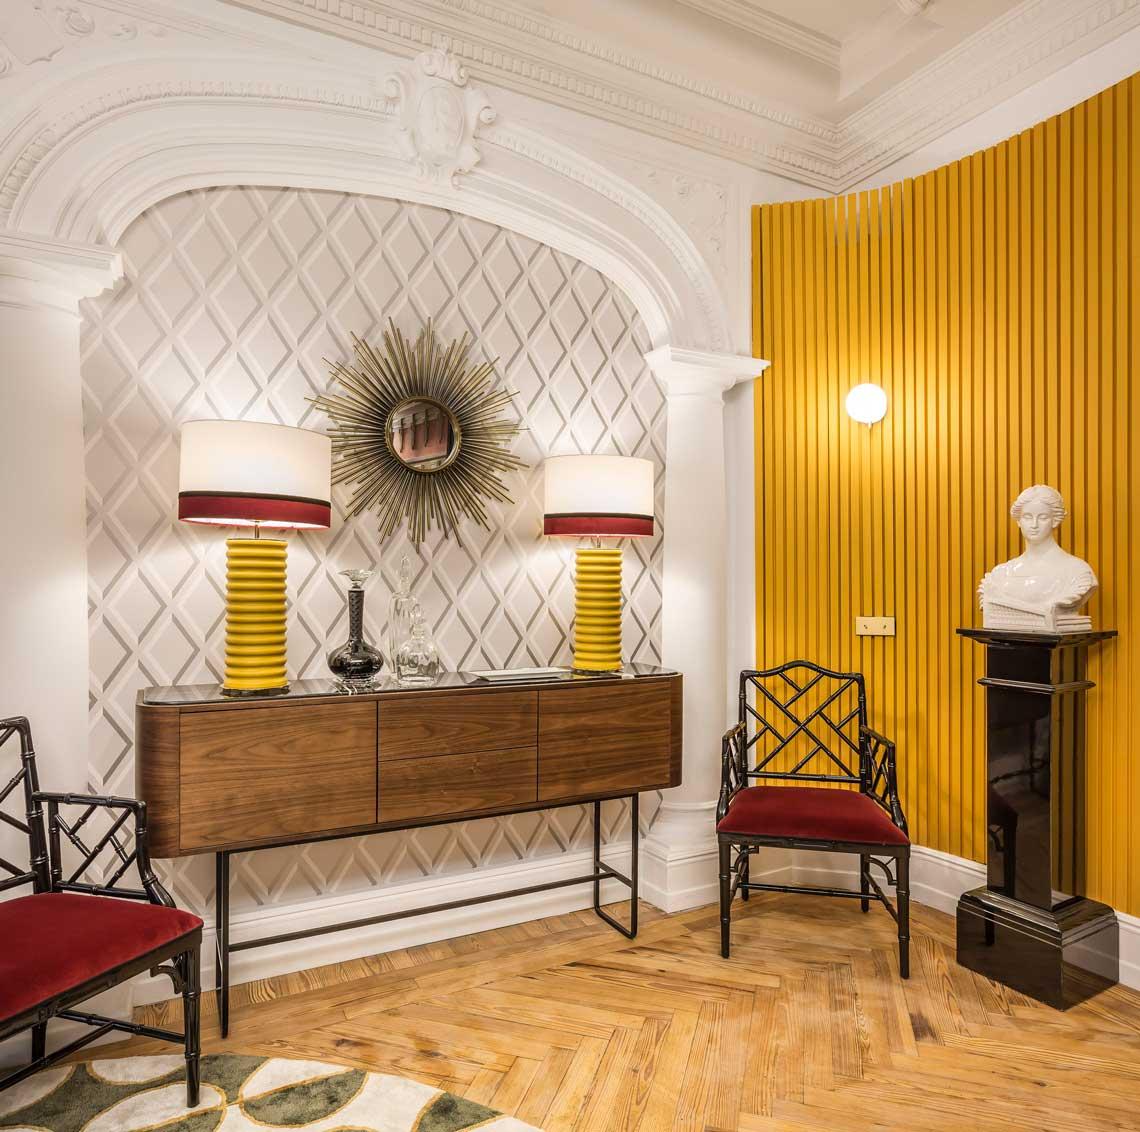 Adara Collection Art Deco interior in Casa Decor 2021